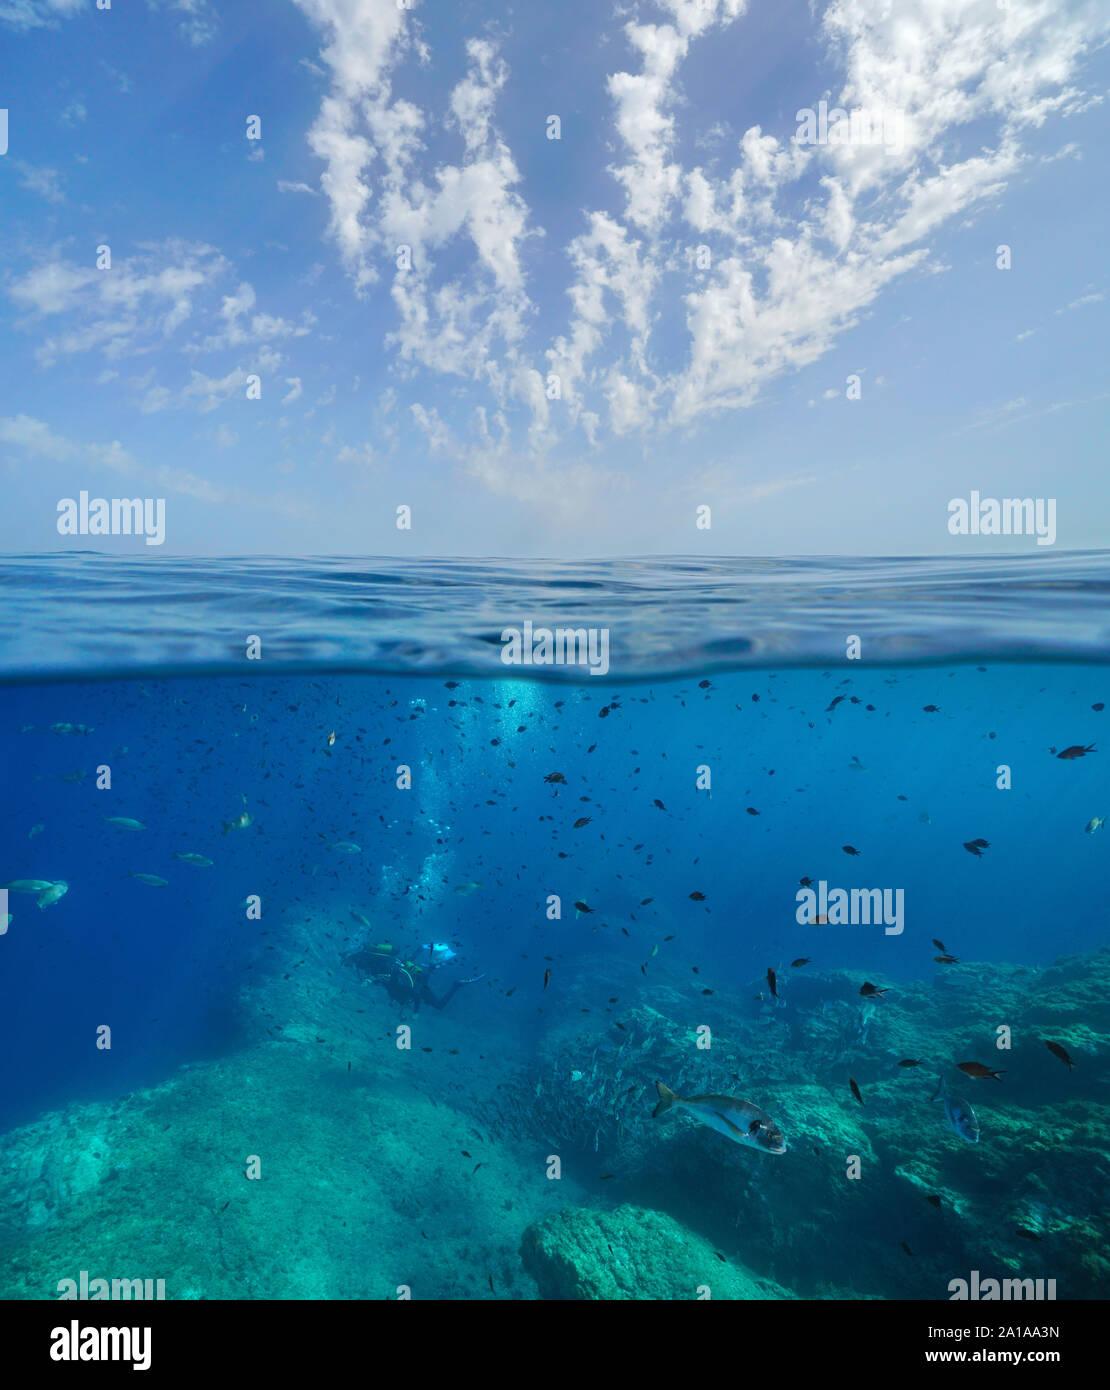 Paisaje del mar Mediterráneo, muchos peces de los buceadores bajo el agua y el cielo azul con nubes, vista dividida por encima y por debajo de la superficie del agua, Francia Foto de stock